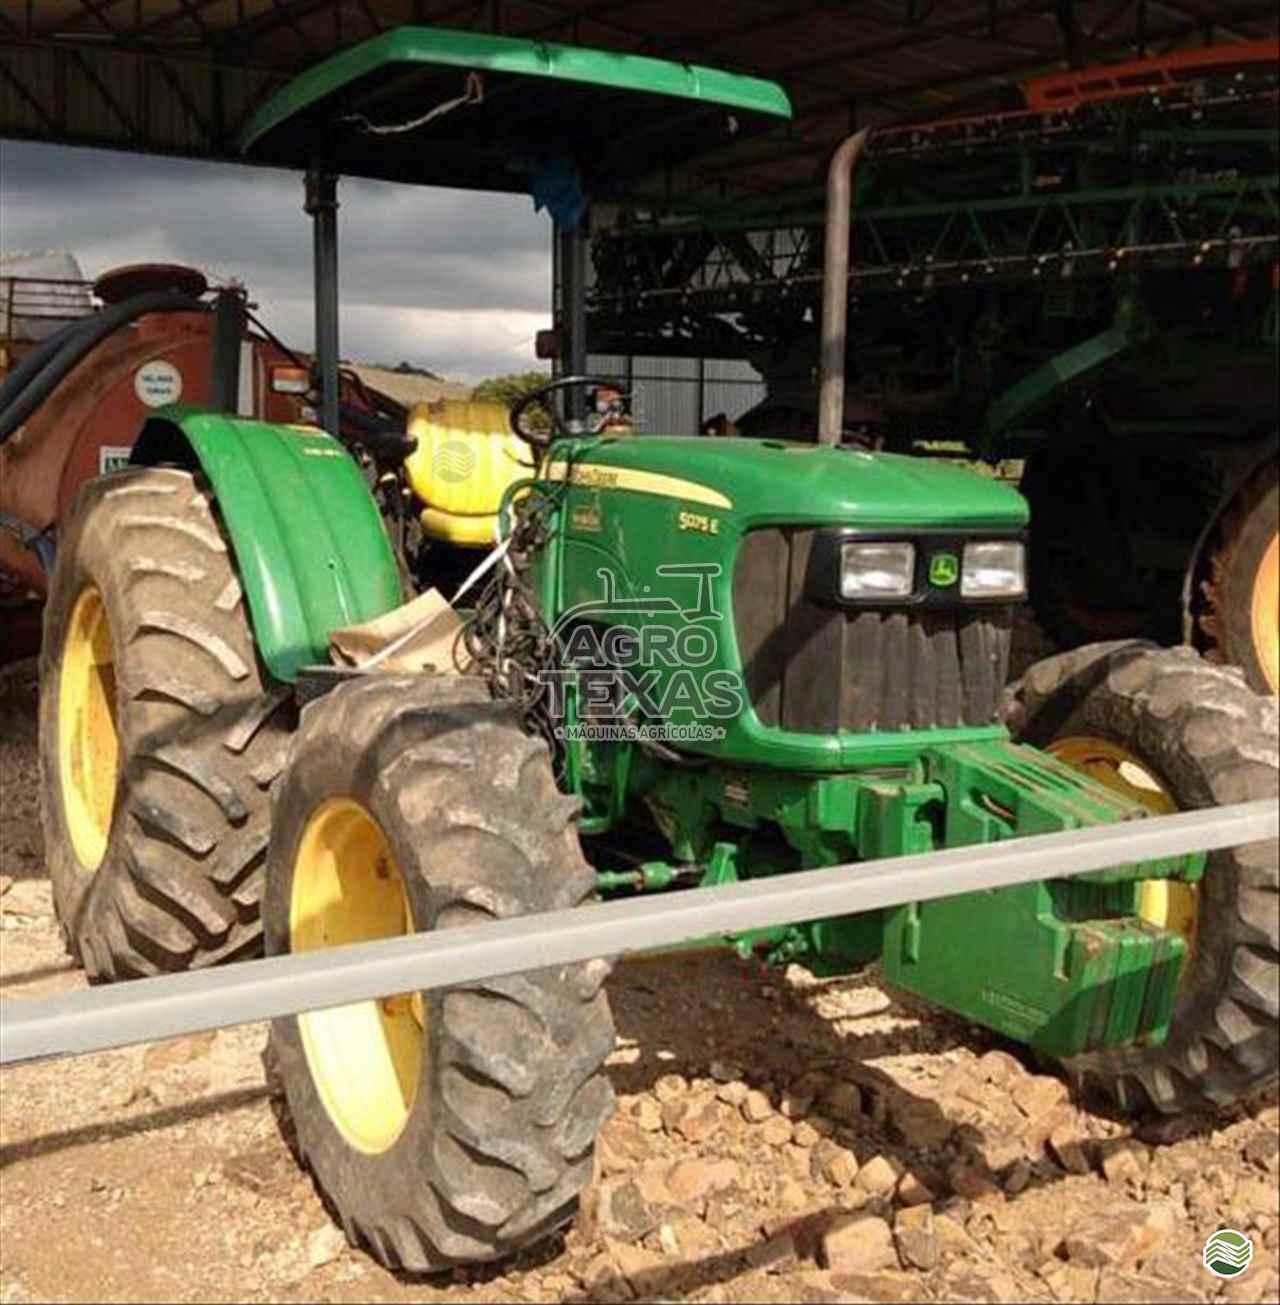 TRATOR JOHN DEERE JOHN DEERE 5075 Tração 4x4 Agro Texas Máquinas Agrícolas VITORINO PARANÁ PR